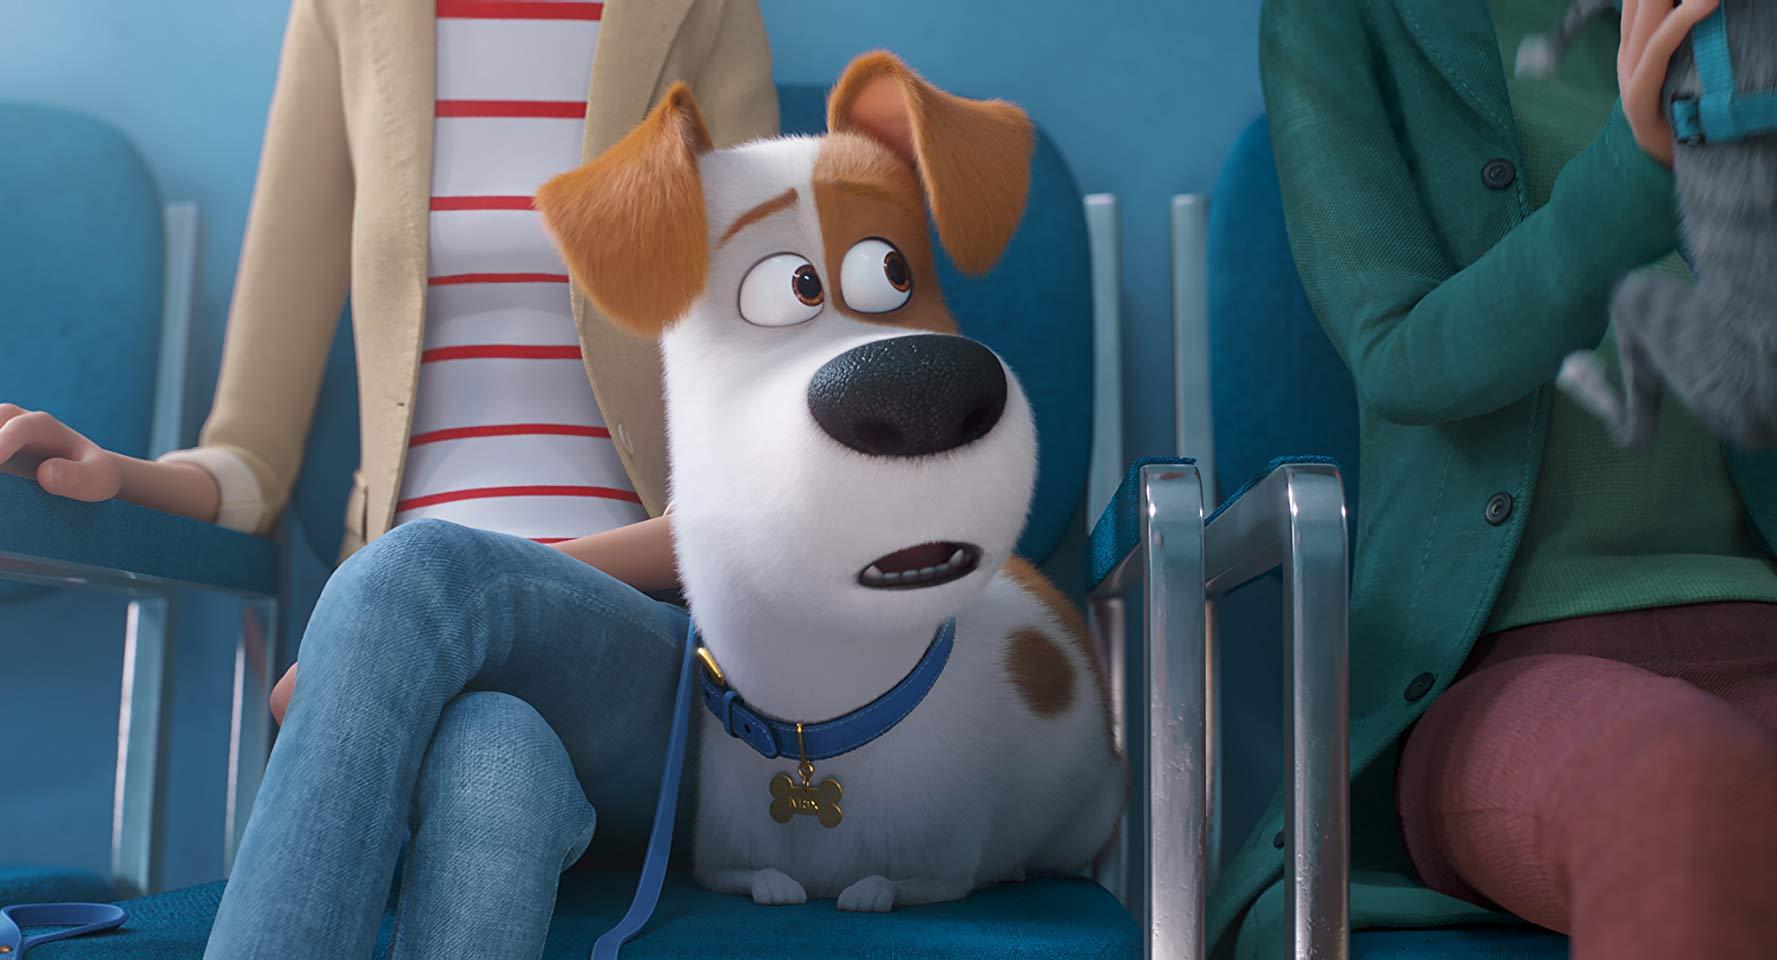 نخستین تصاویر از انیمیشن زندگی پنهان حیوانات خانگی 2 منتشر شد